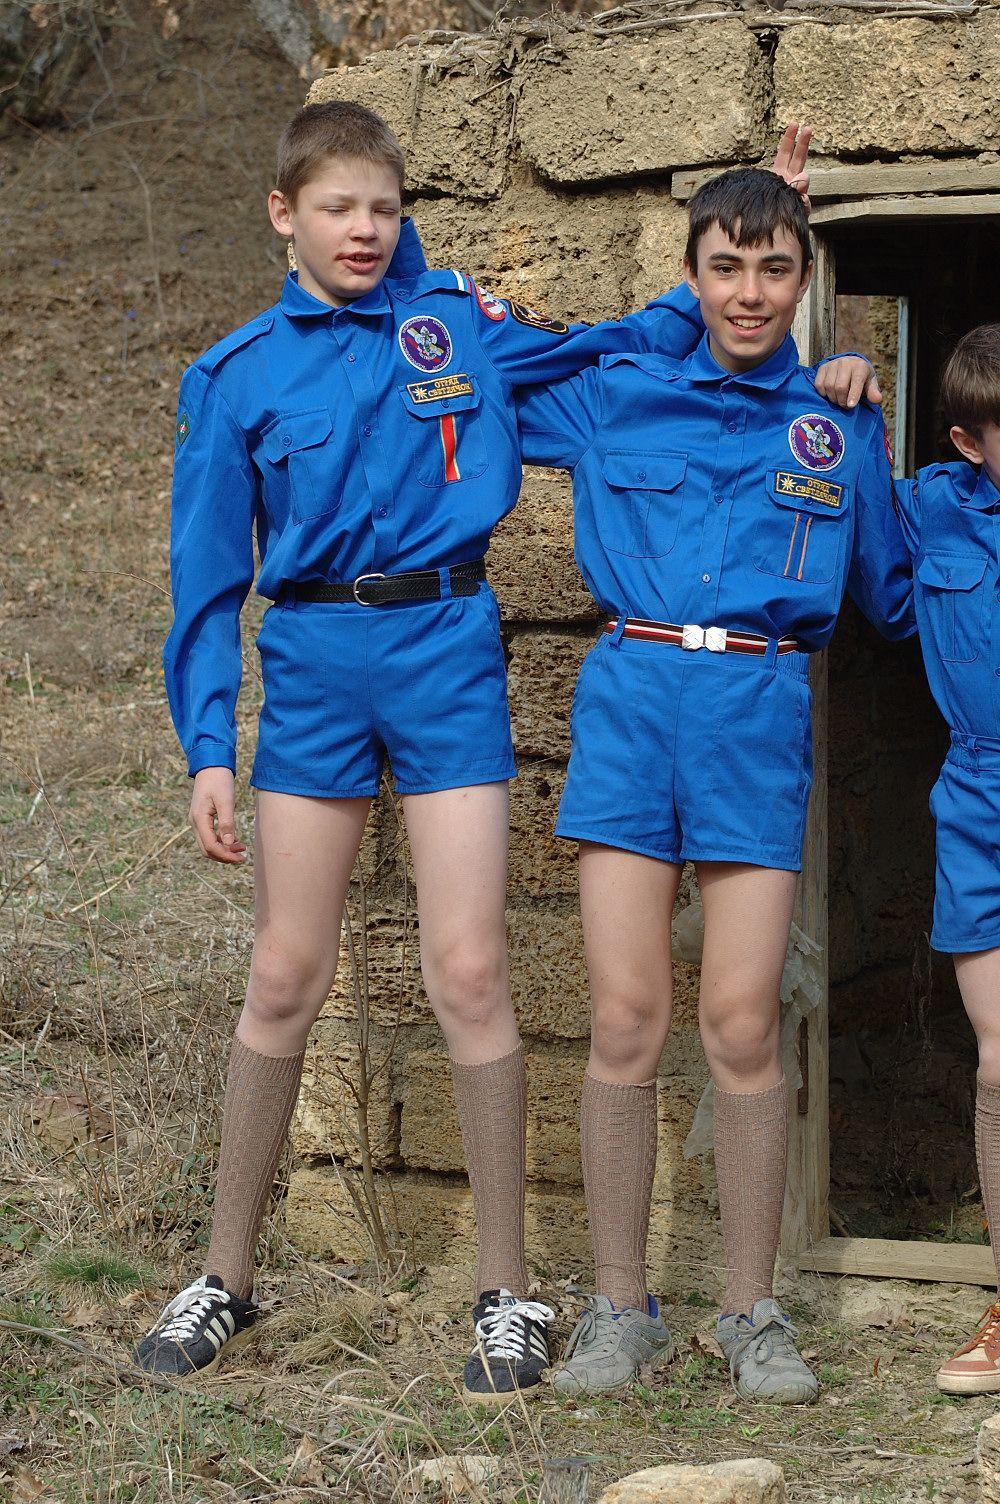 naked-uniformed-boys-beut-naked-girls-fucking